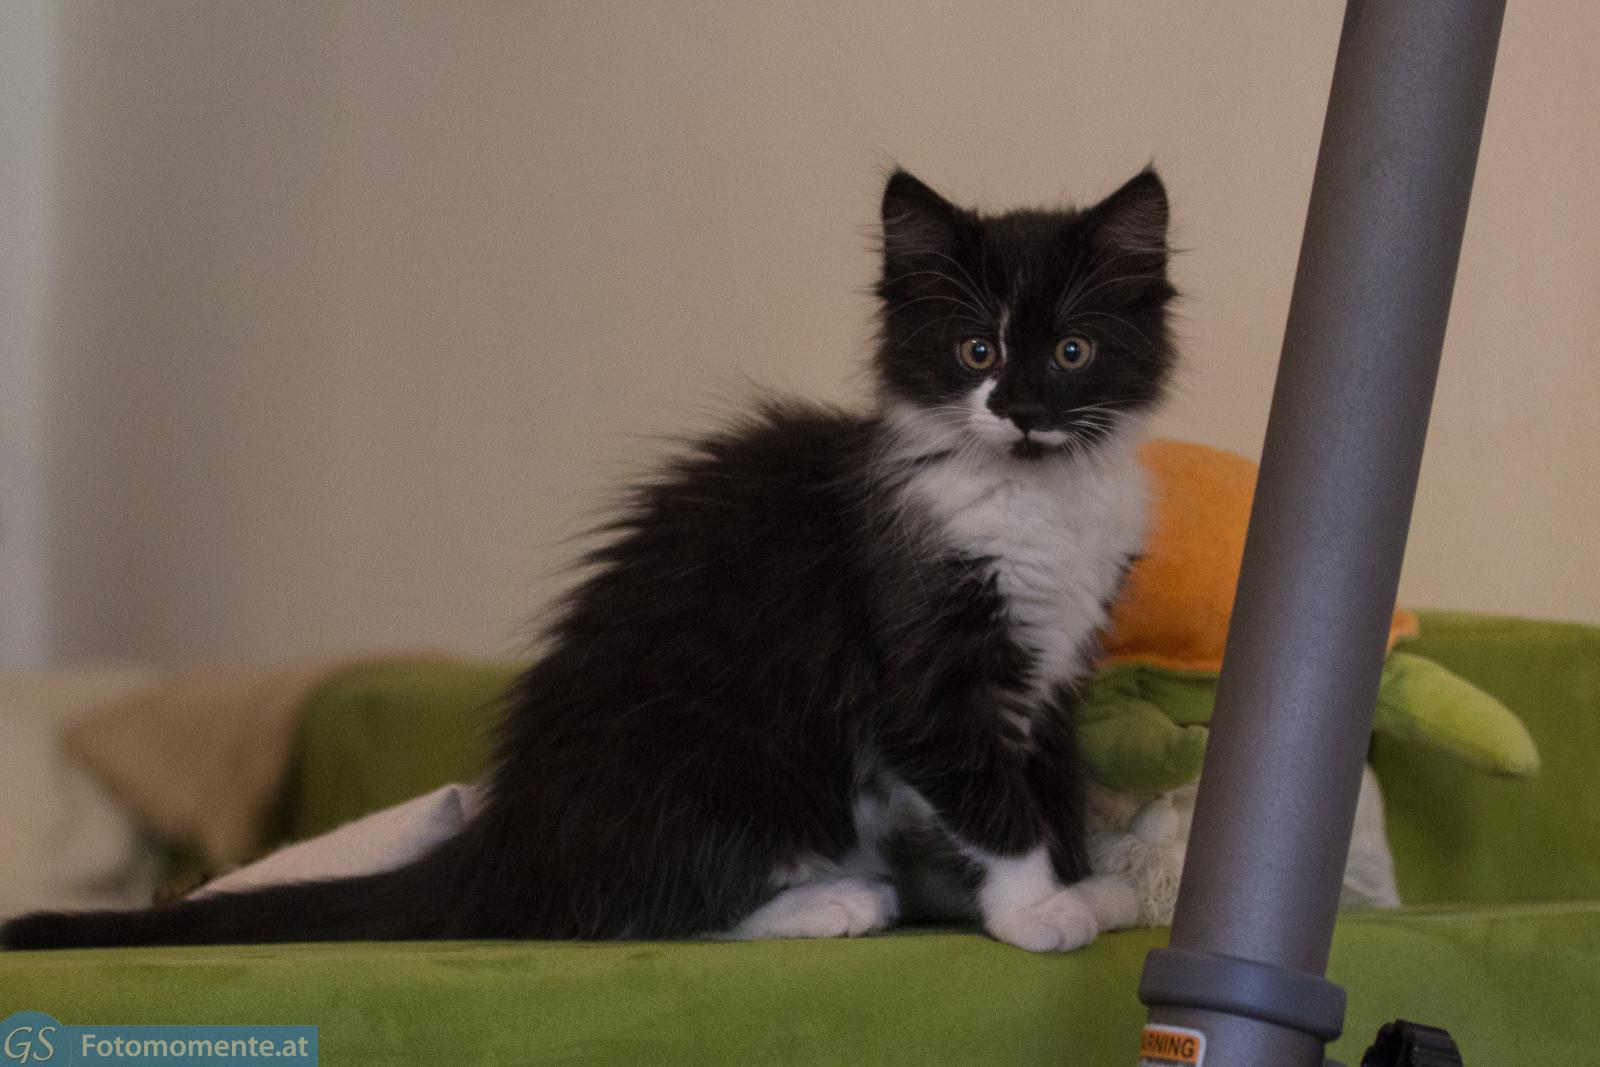 Katze Bounty Und Kater Leo 10 12 Wochen Alt Teil 1 Fotomomente